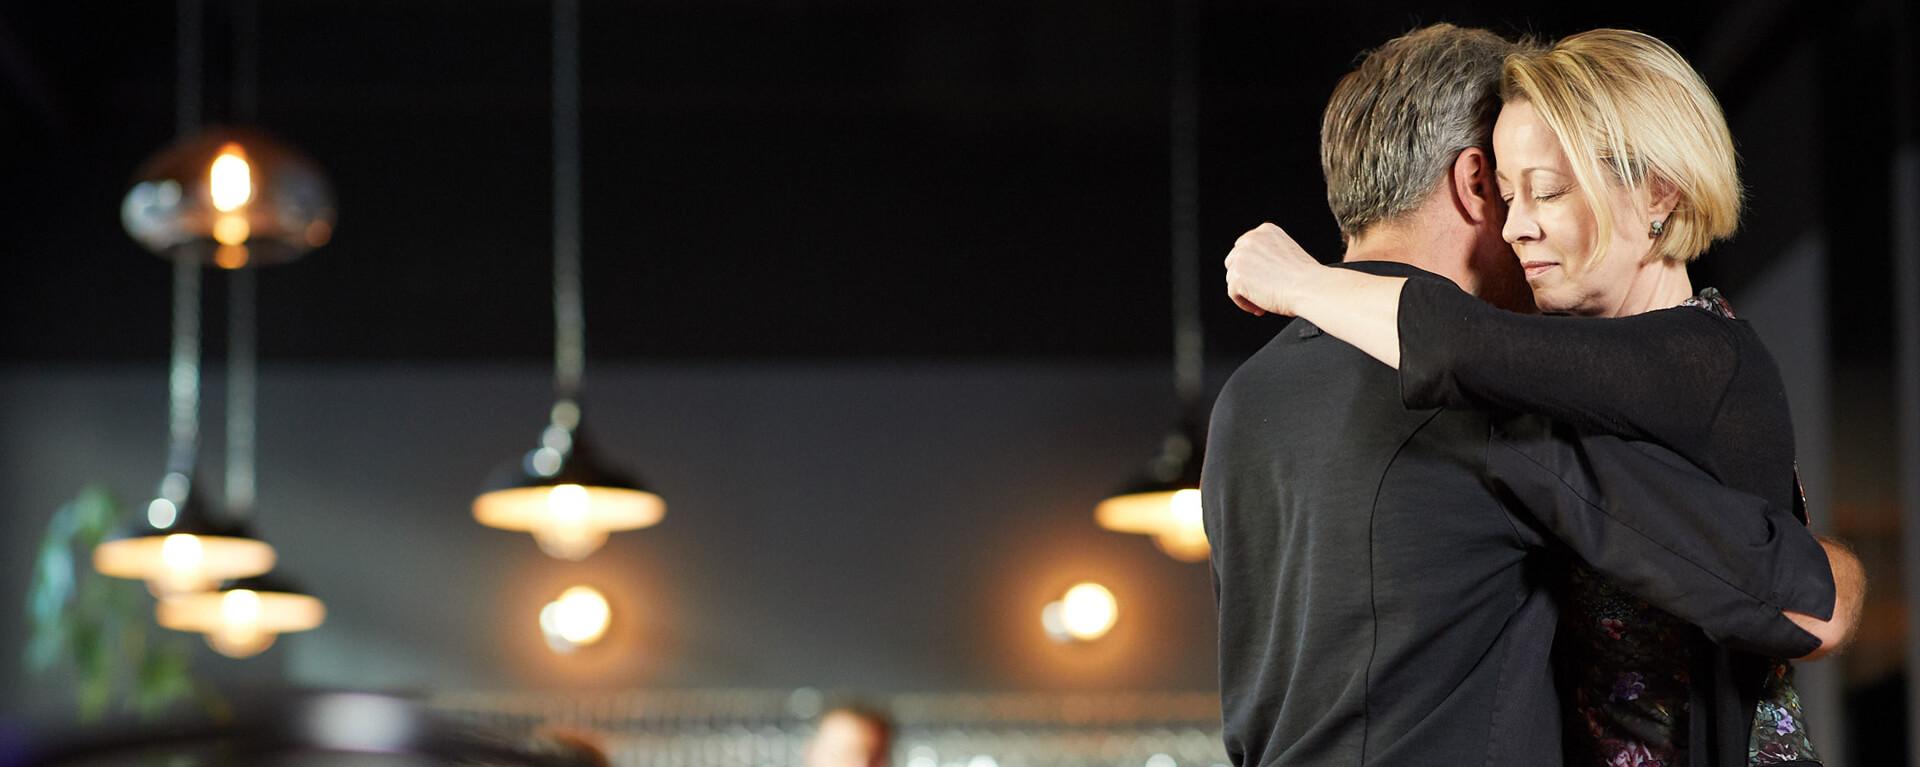 Einsteiger-Workshop Tango Argentino Sonntag, 23.02.2020 14.00 - 17.00 Uhr